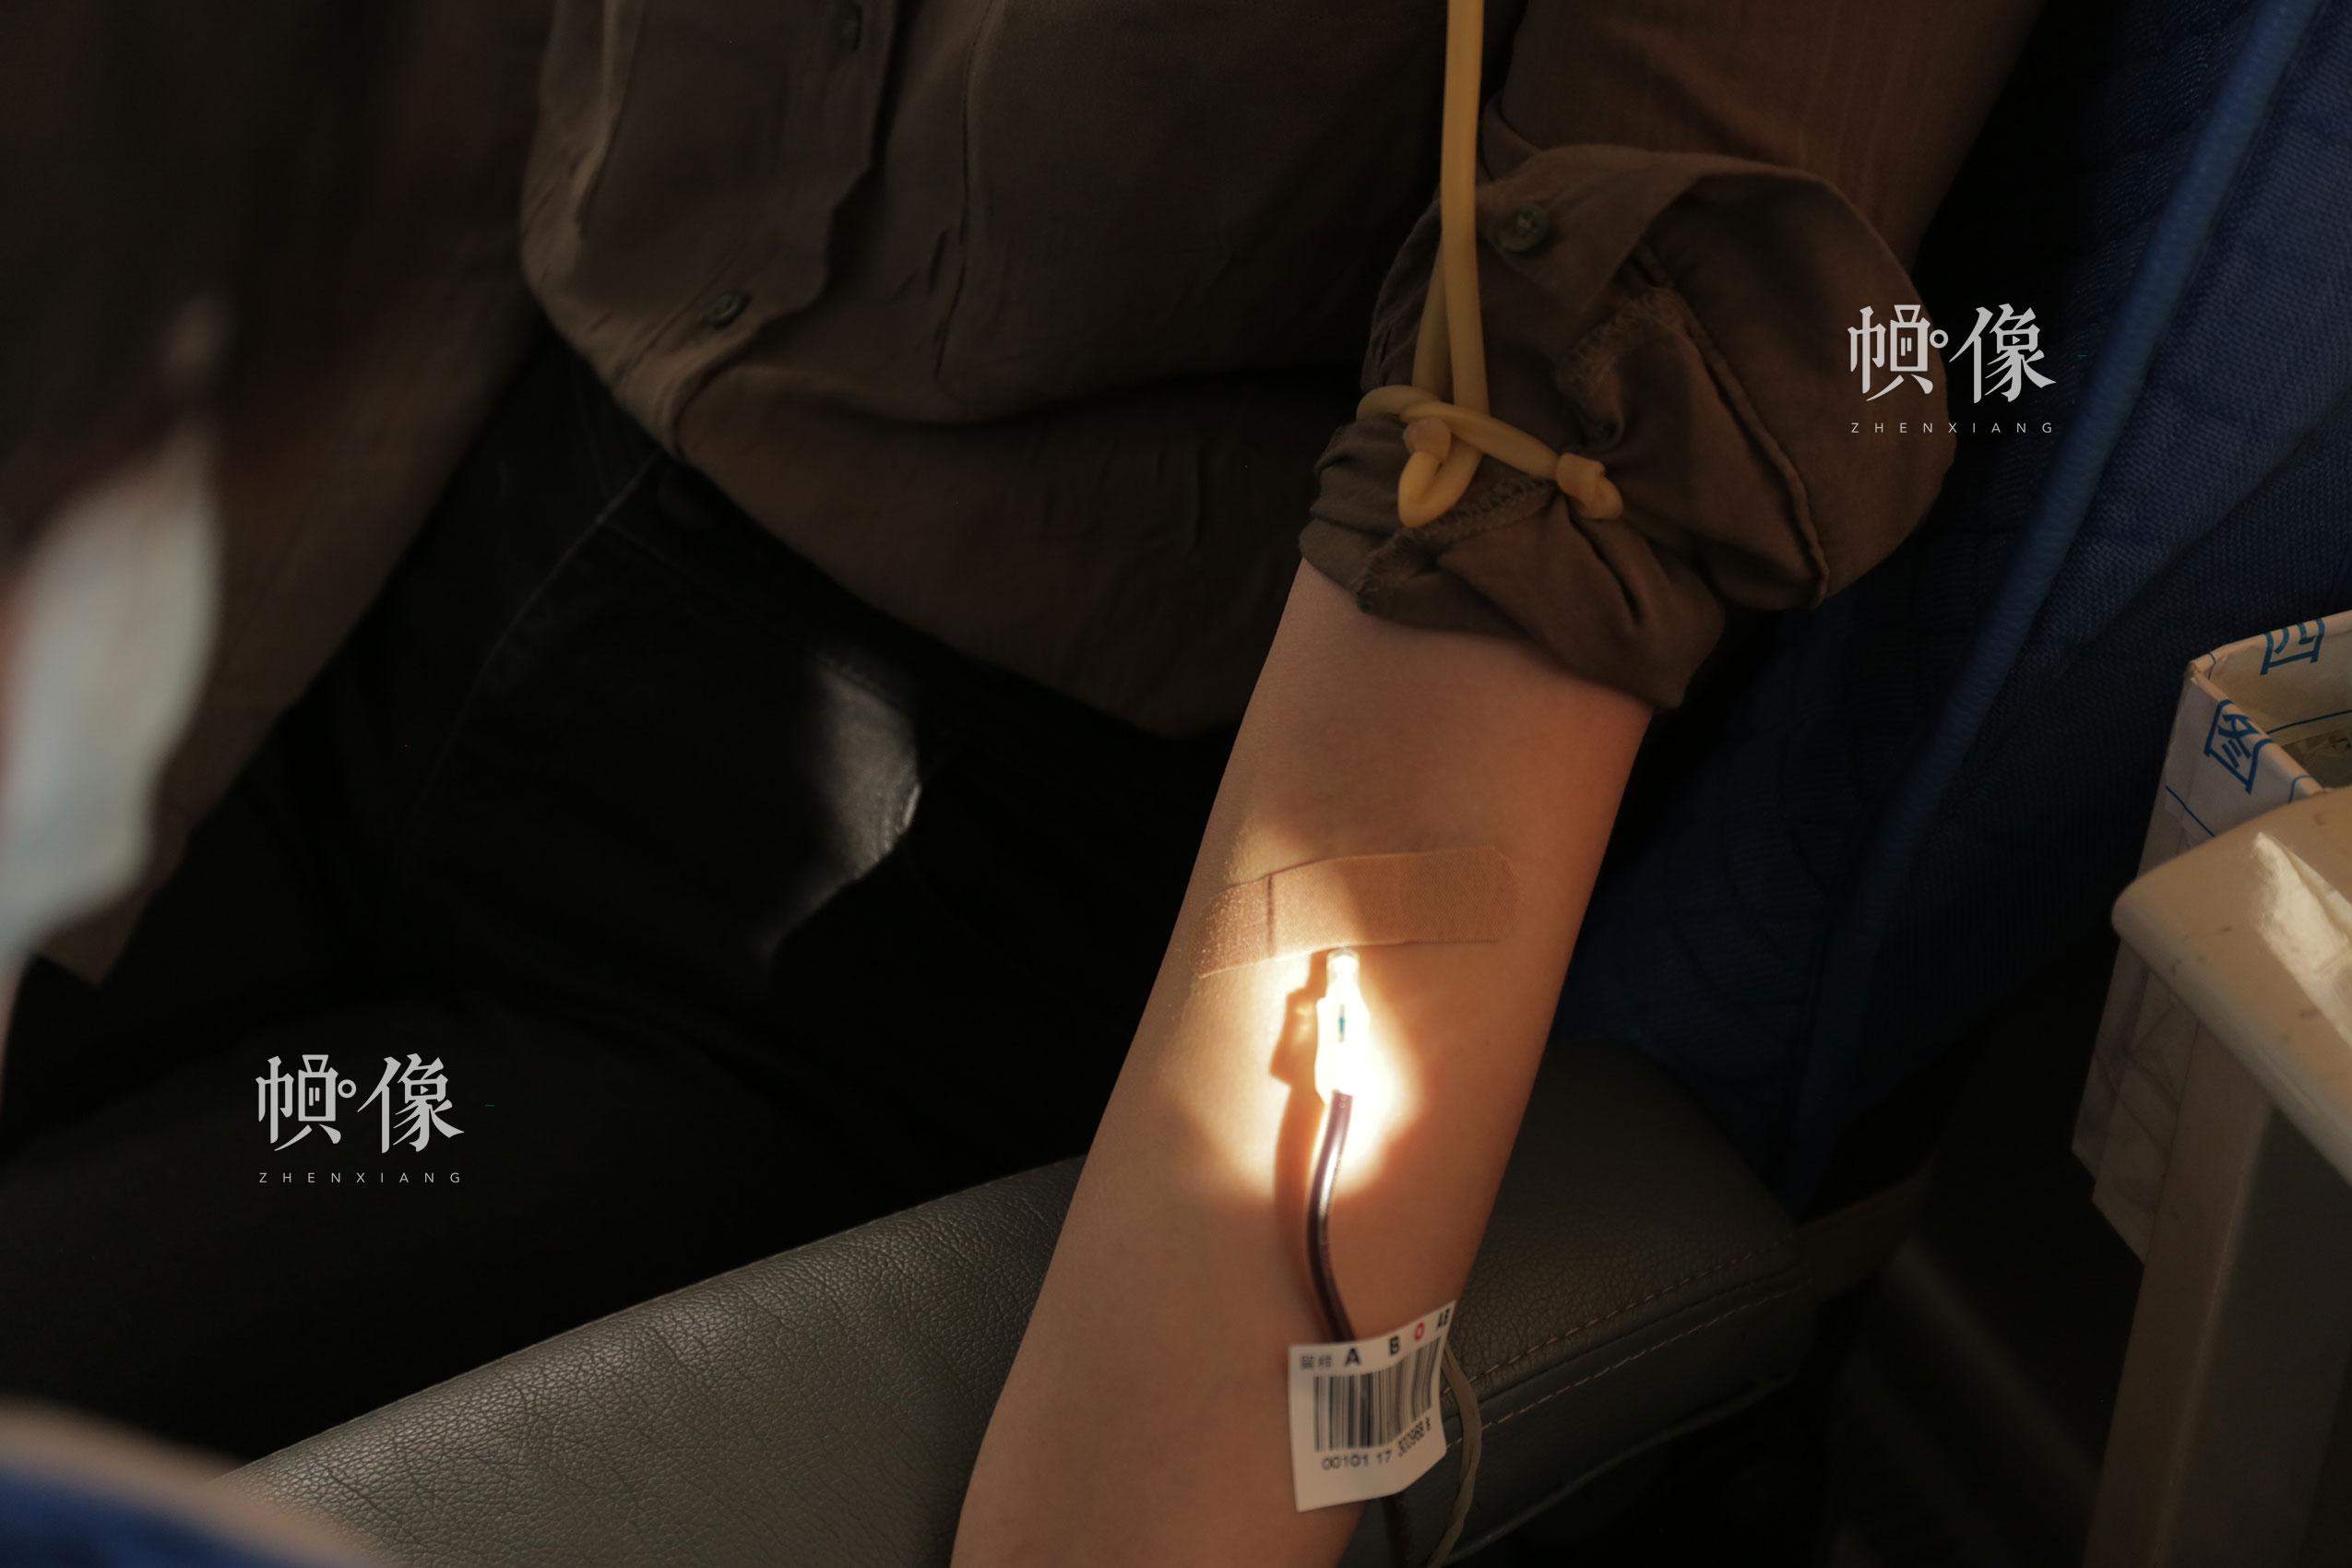 2017年12月18日,北京西单图书大厦外的无偿献血车,市民前来献血并留造血干细胞样本。中国网实习记者 朱珊杉 摄